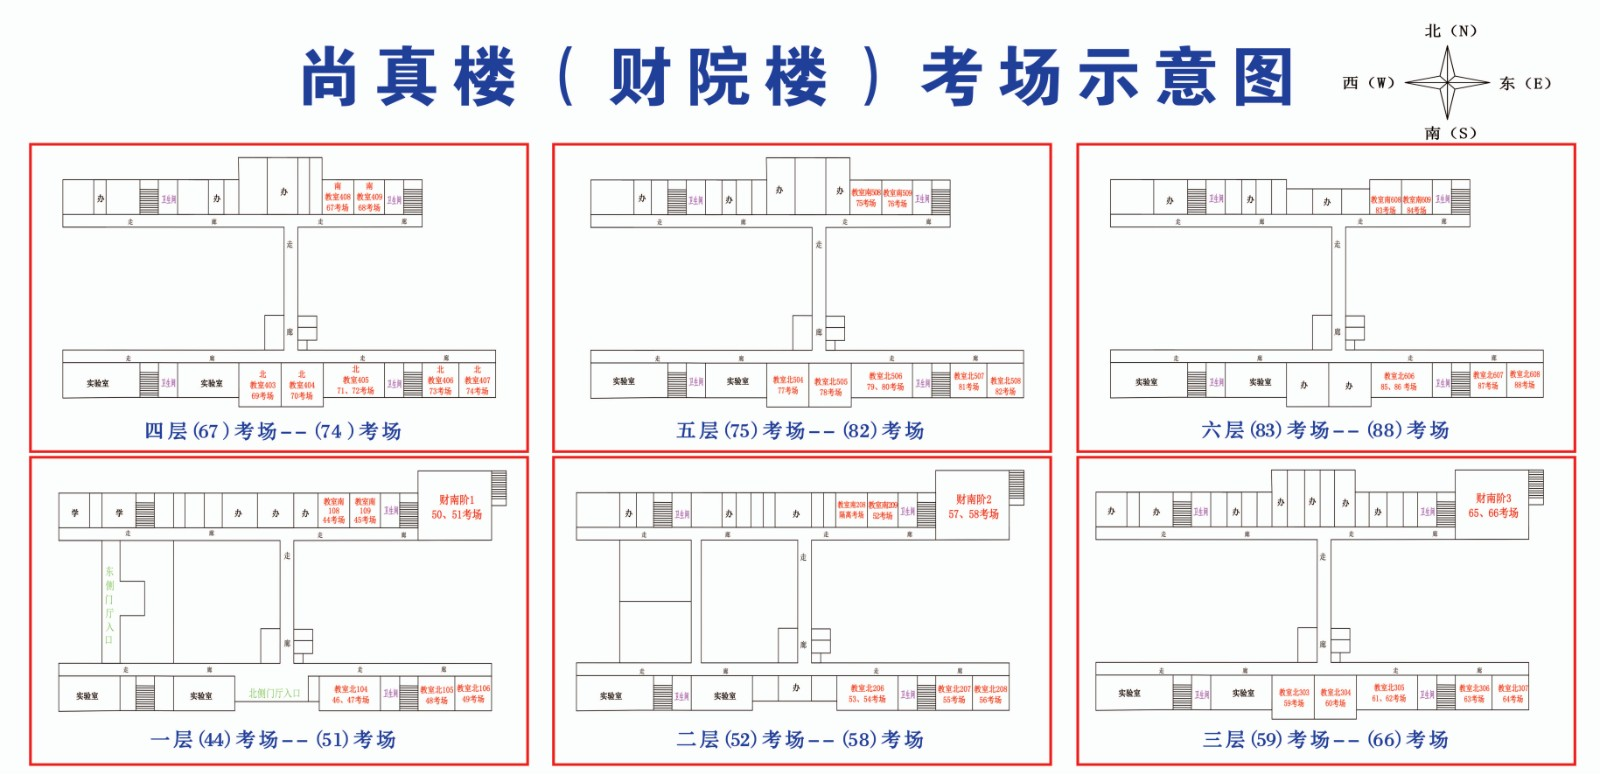 青海大学二级建造师考场分布示意图1